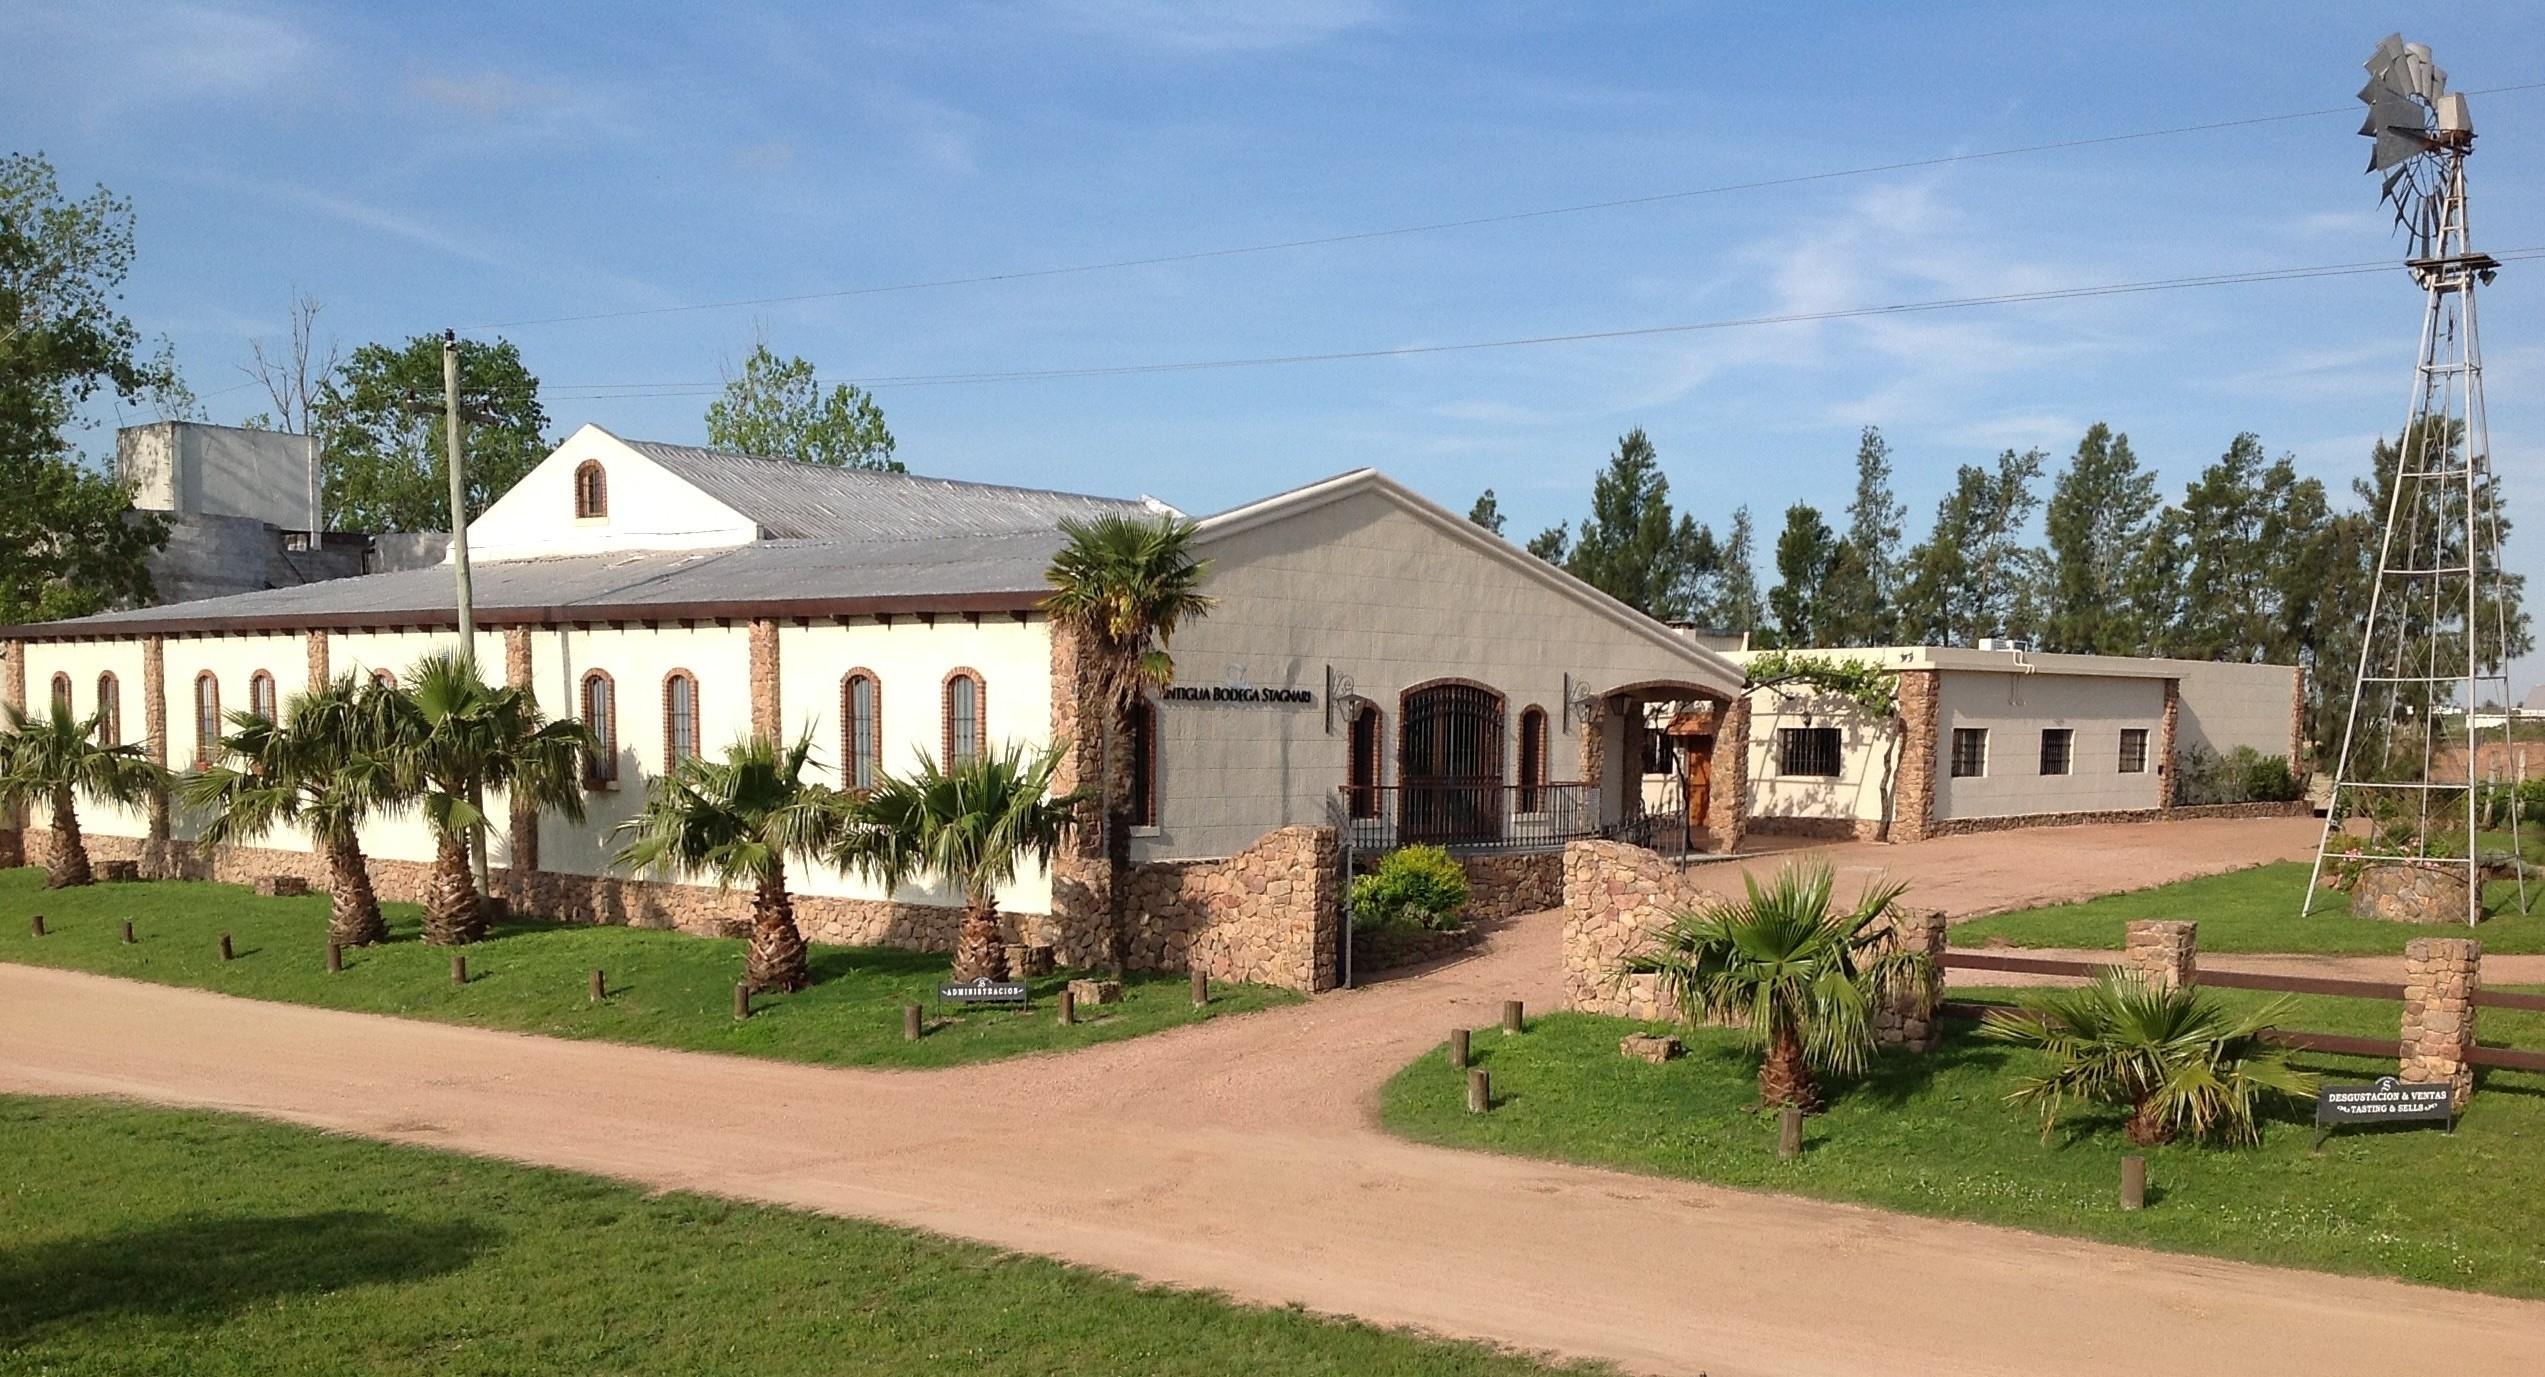 Antigua Bodega Stagnari - Pedregal - Uruguay - 2015